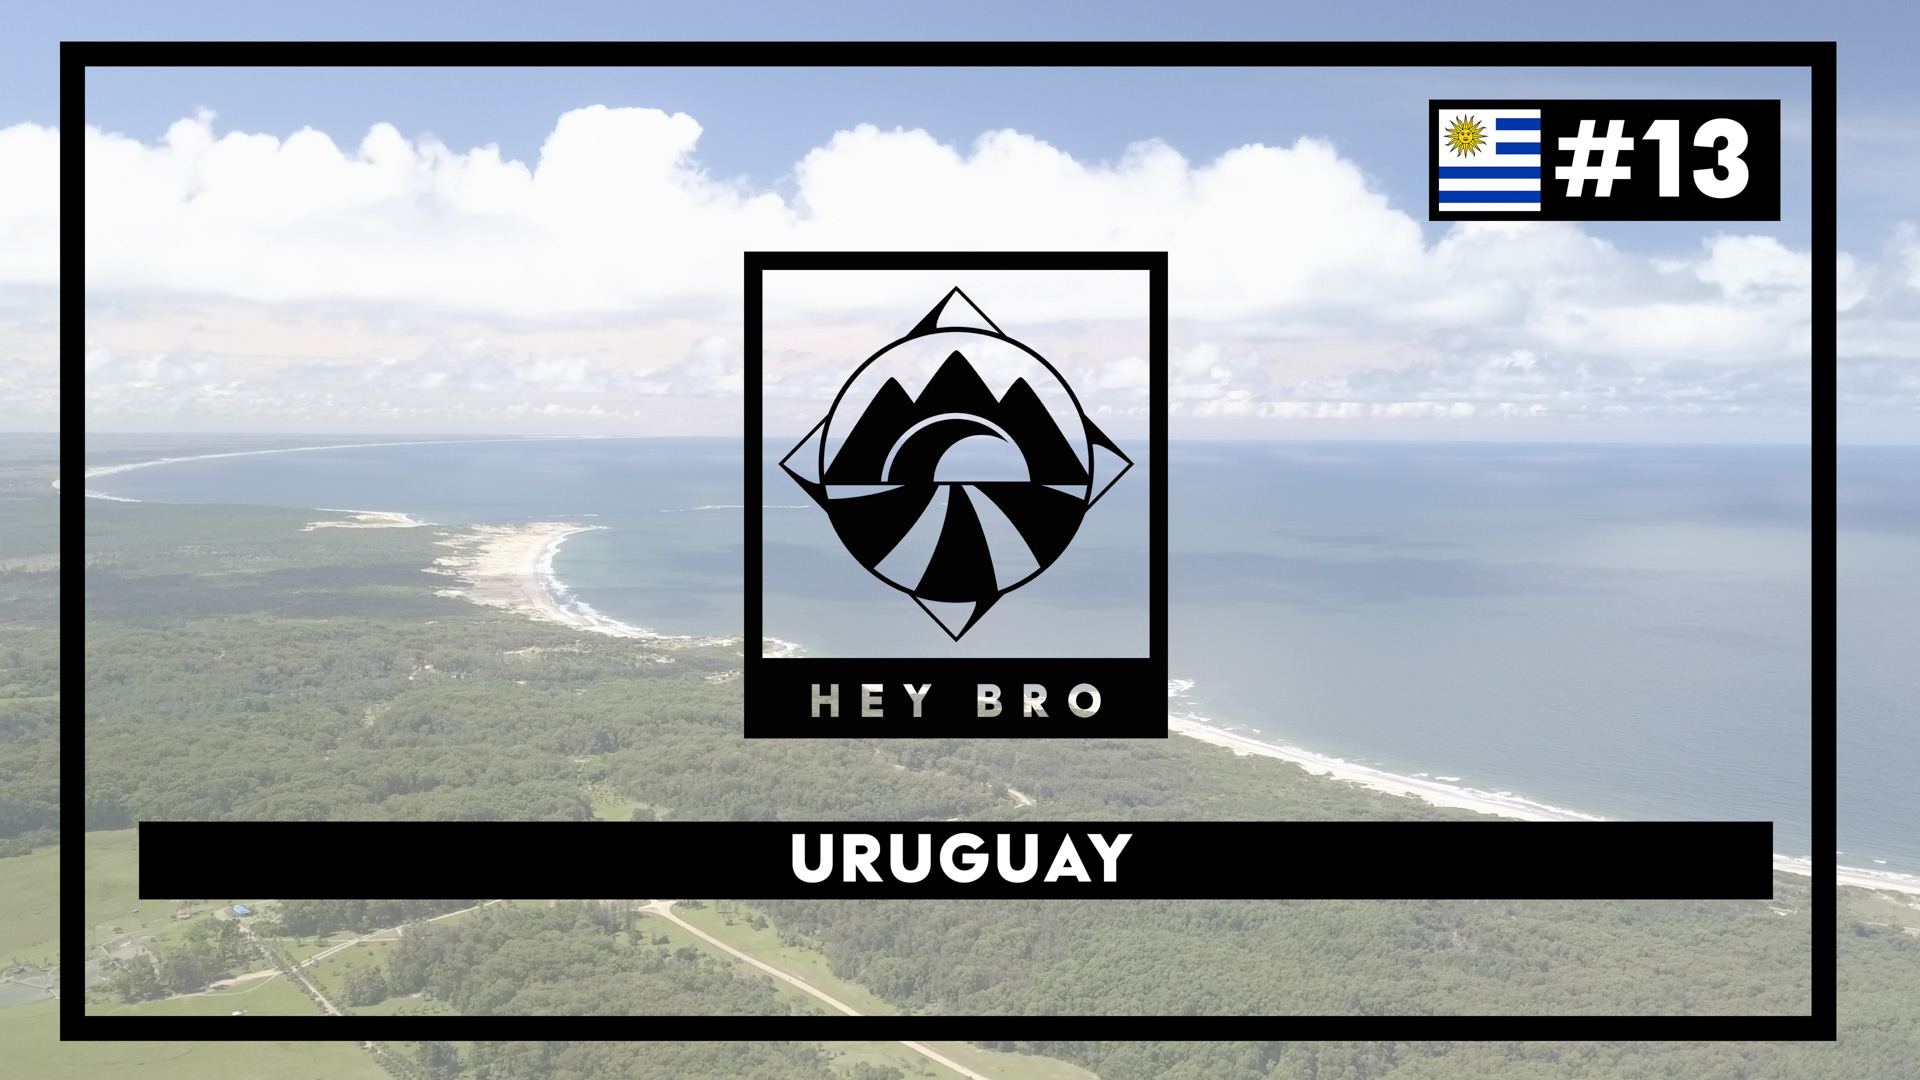 Hey Bro Tour du Monde à vélo épisode 13 l'Uruguay